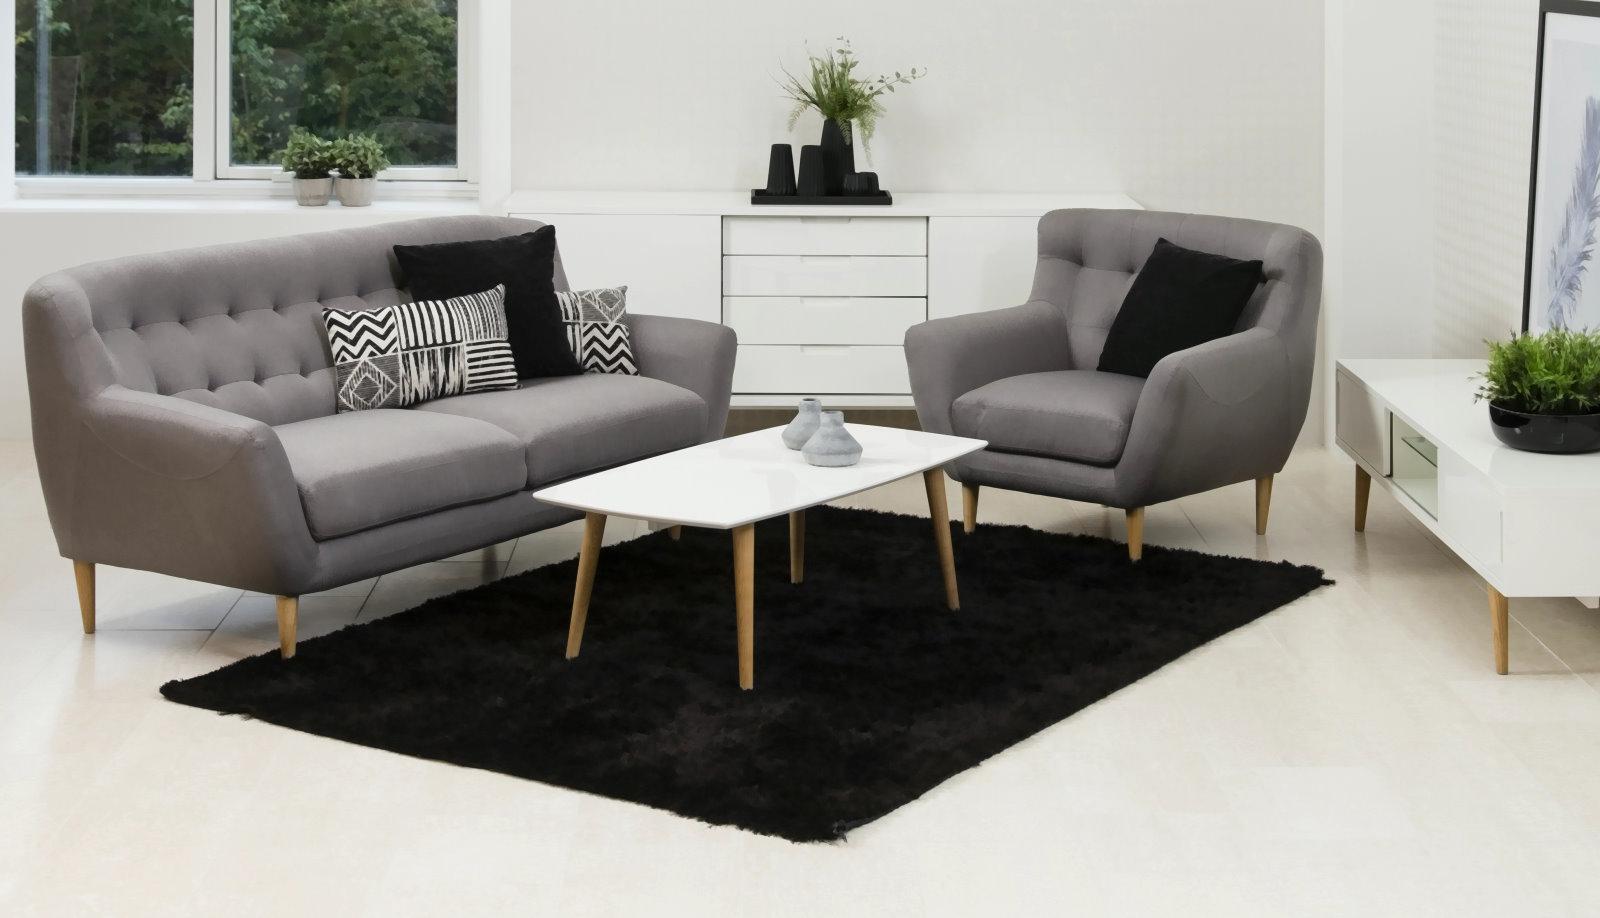 pkline fernsehsessel osmund sessel grau loungesessel. Black Bedroom Furniture Sets. Home Design Ideas